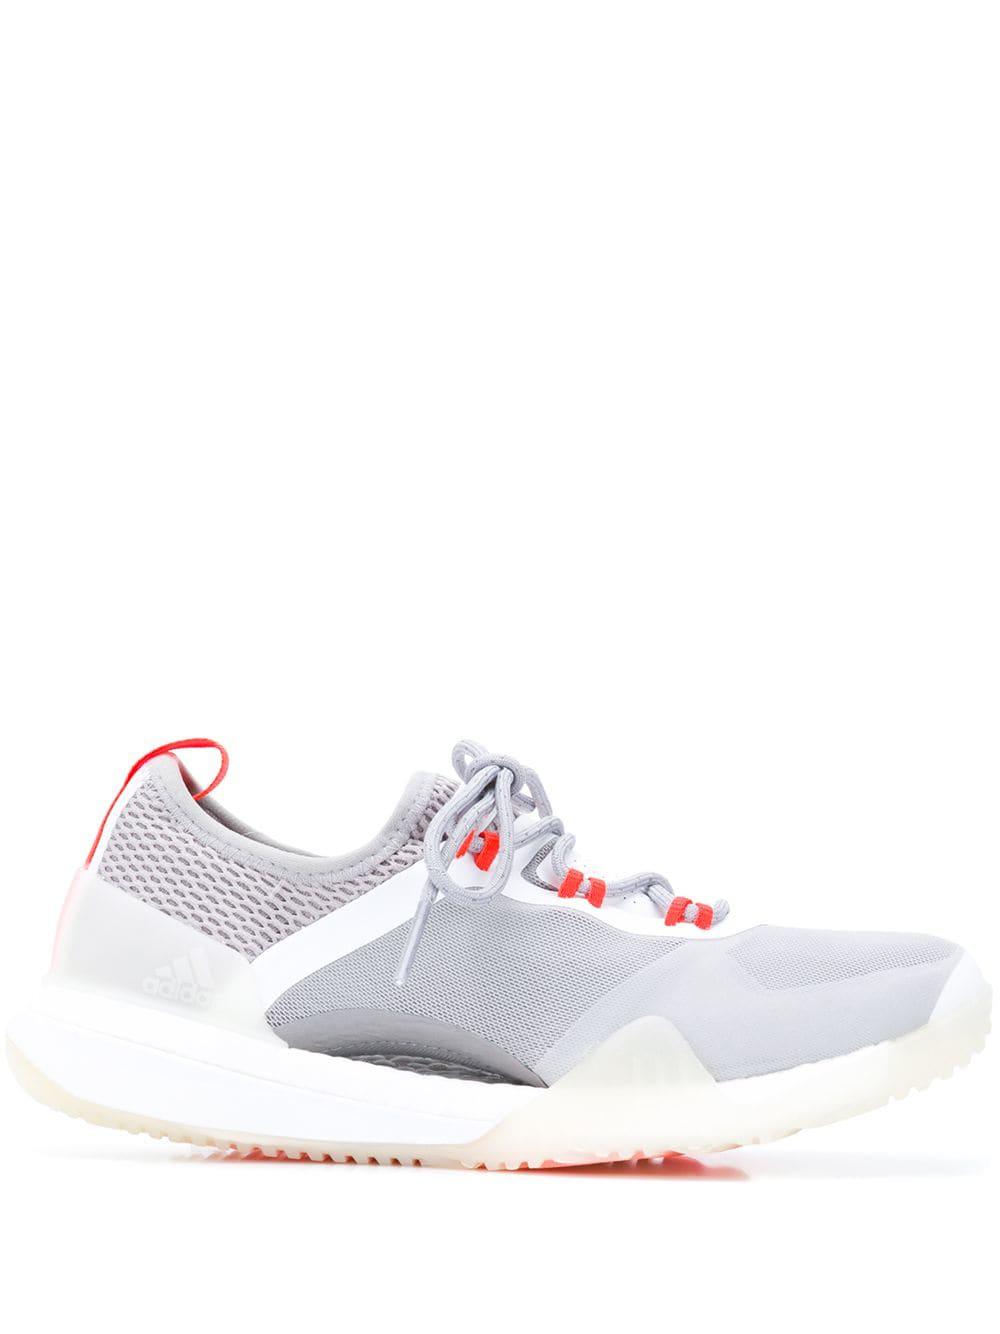 4213c230a Adidas By Stella Mccartney Pureboost X Tr 3.0 Sneakers - Grey